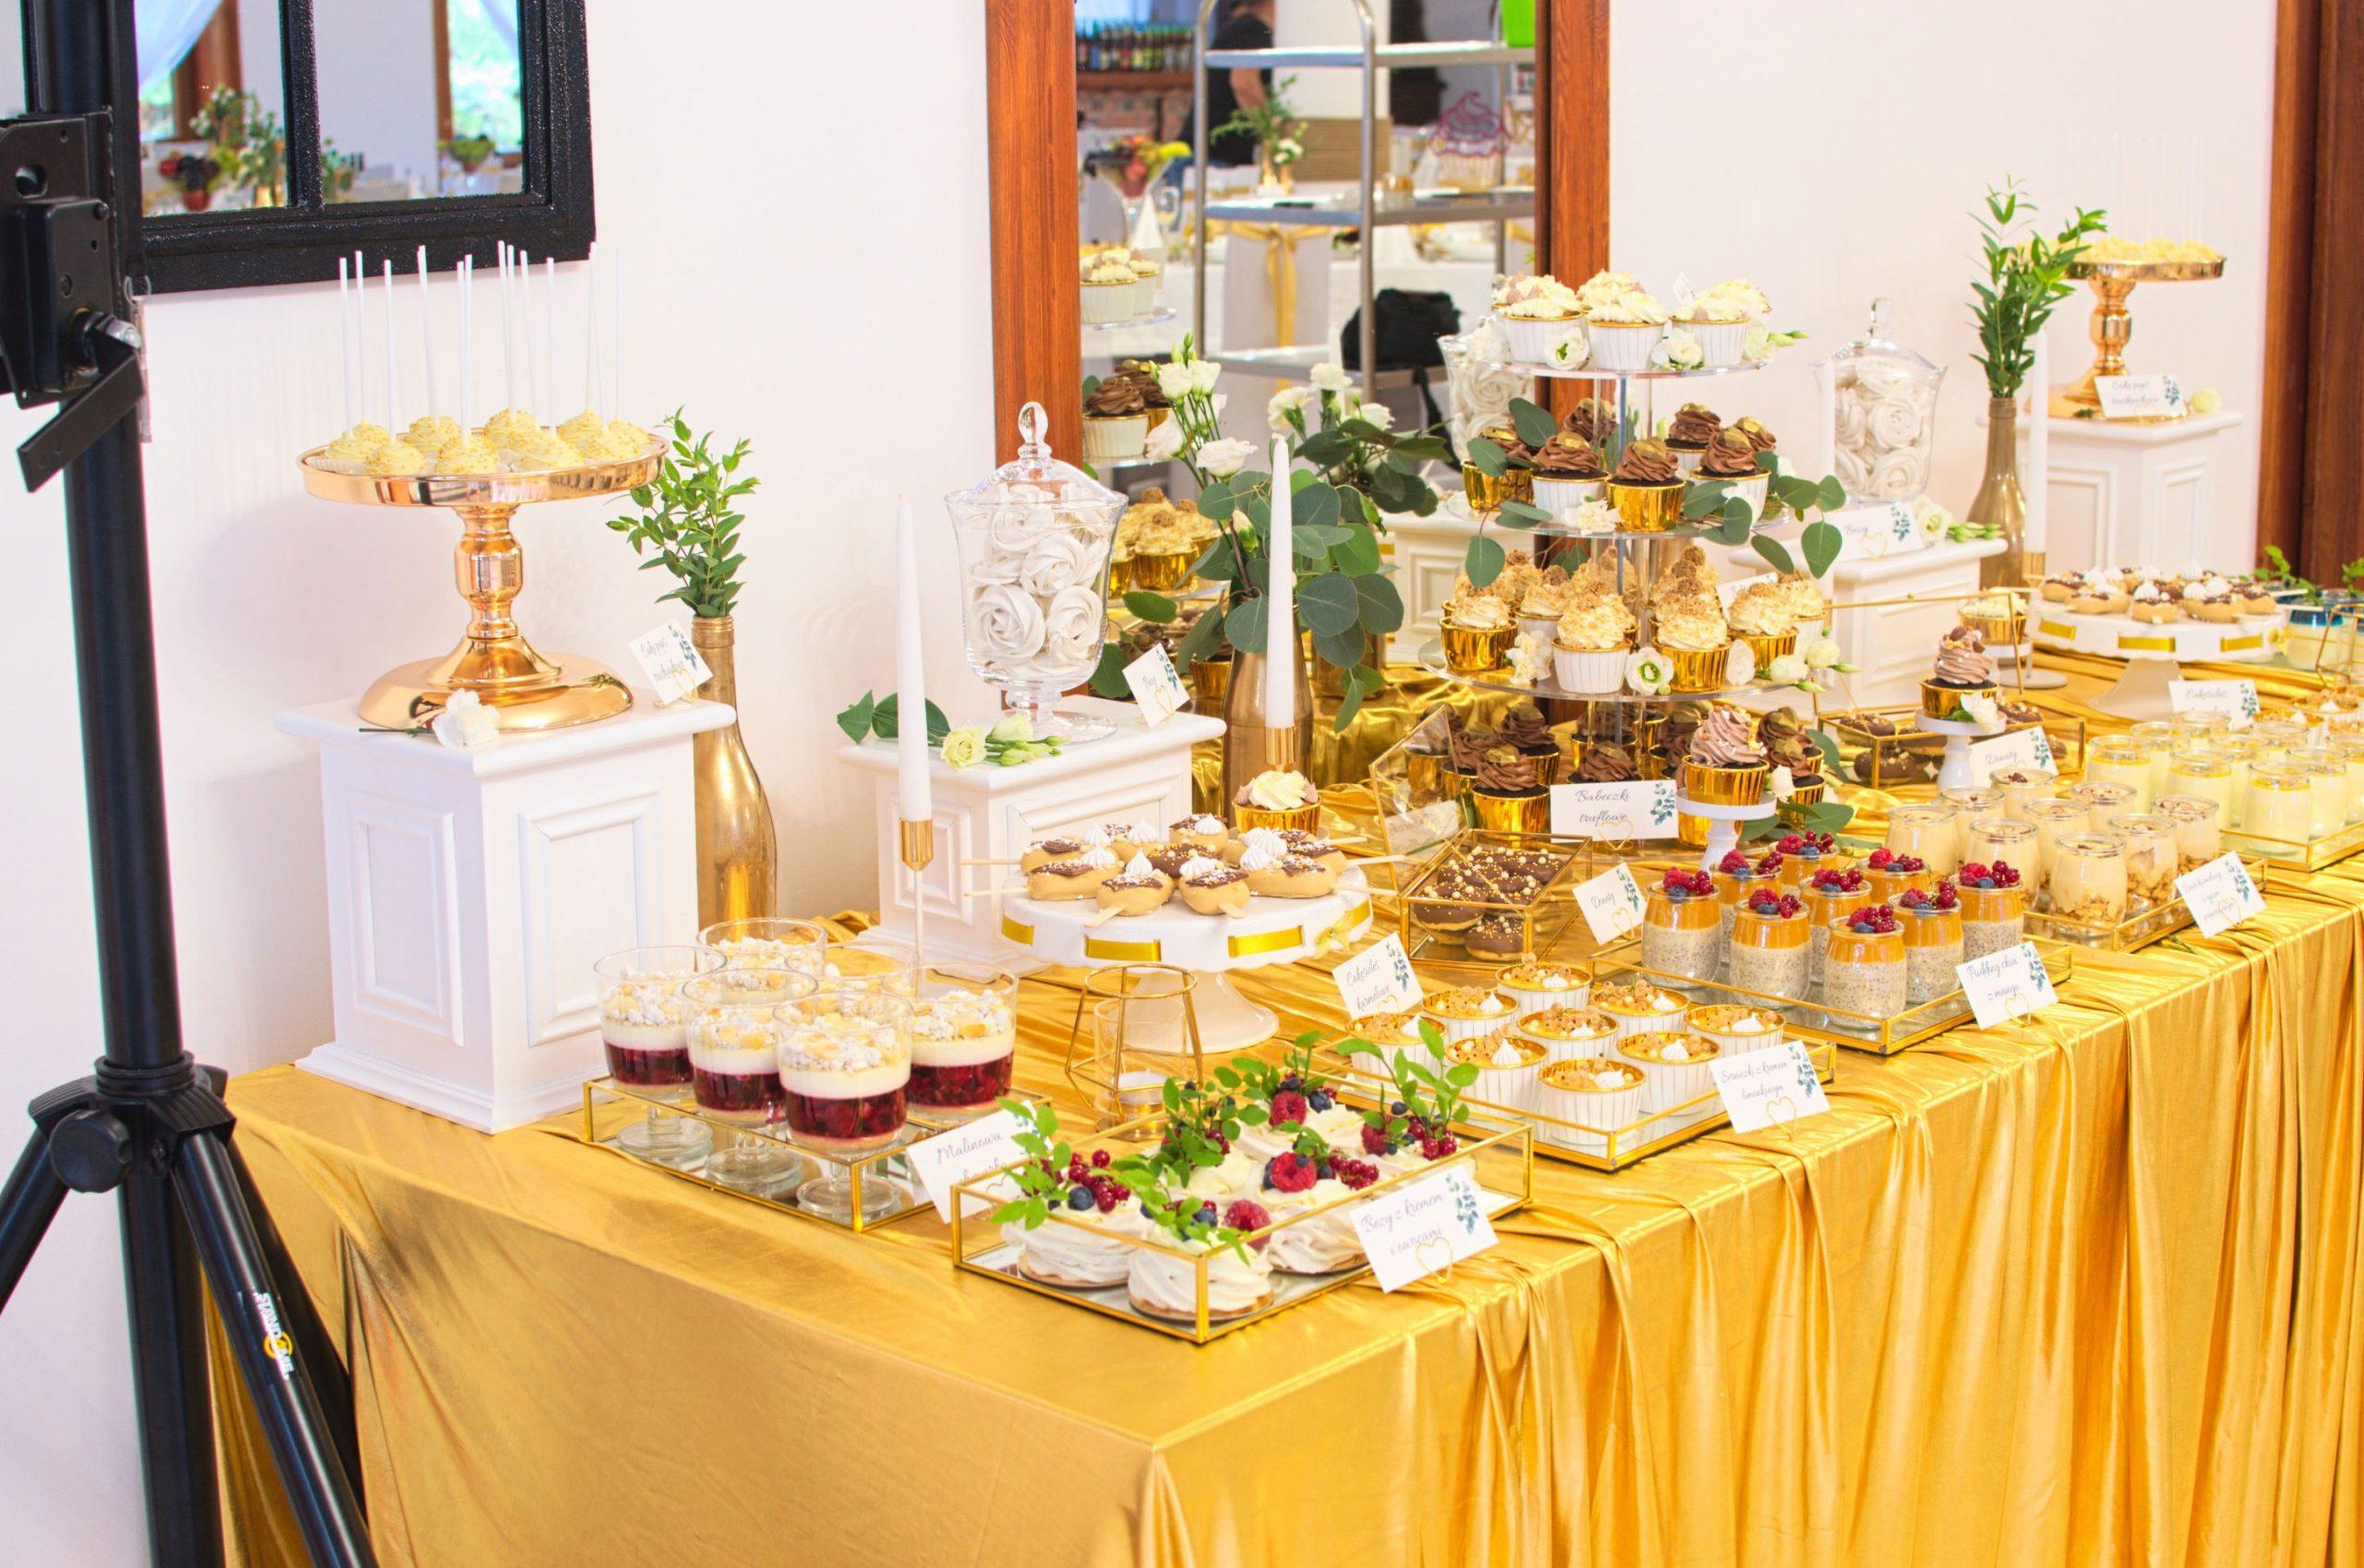 Słodki stół przygotowany na wesele Karoliny i Krystiana